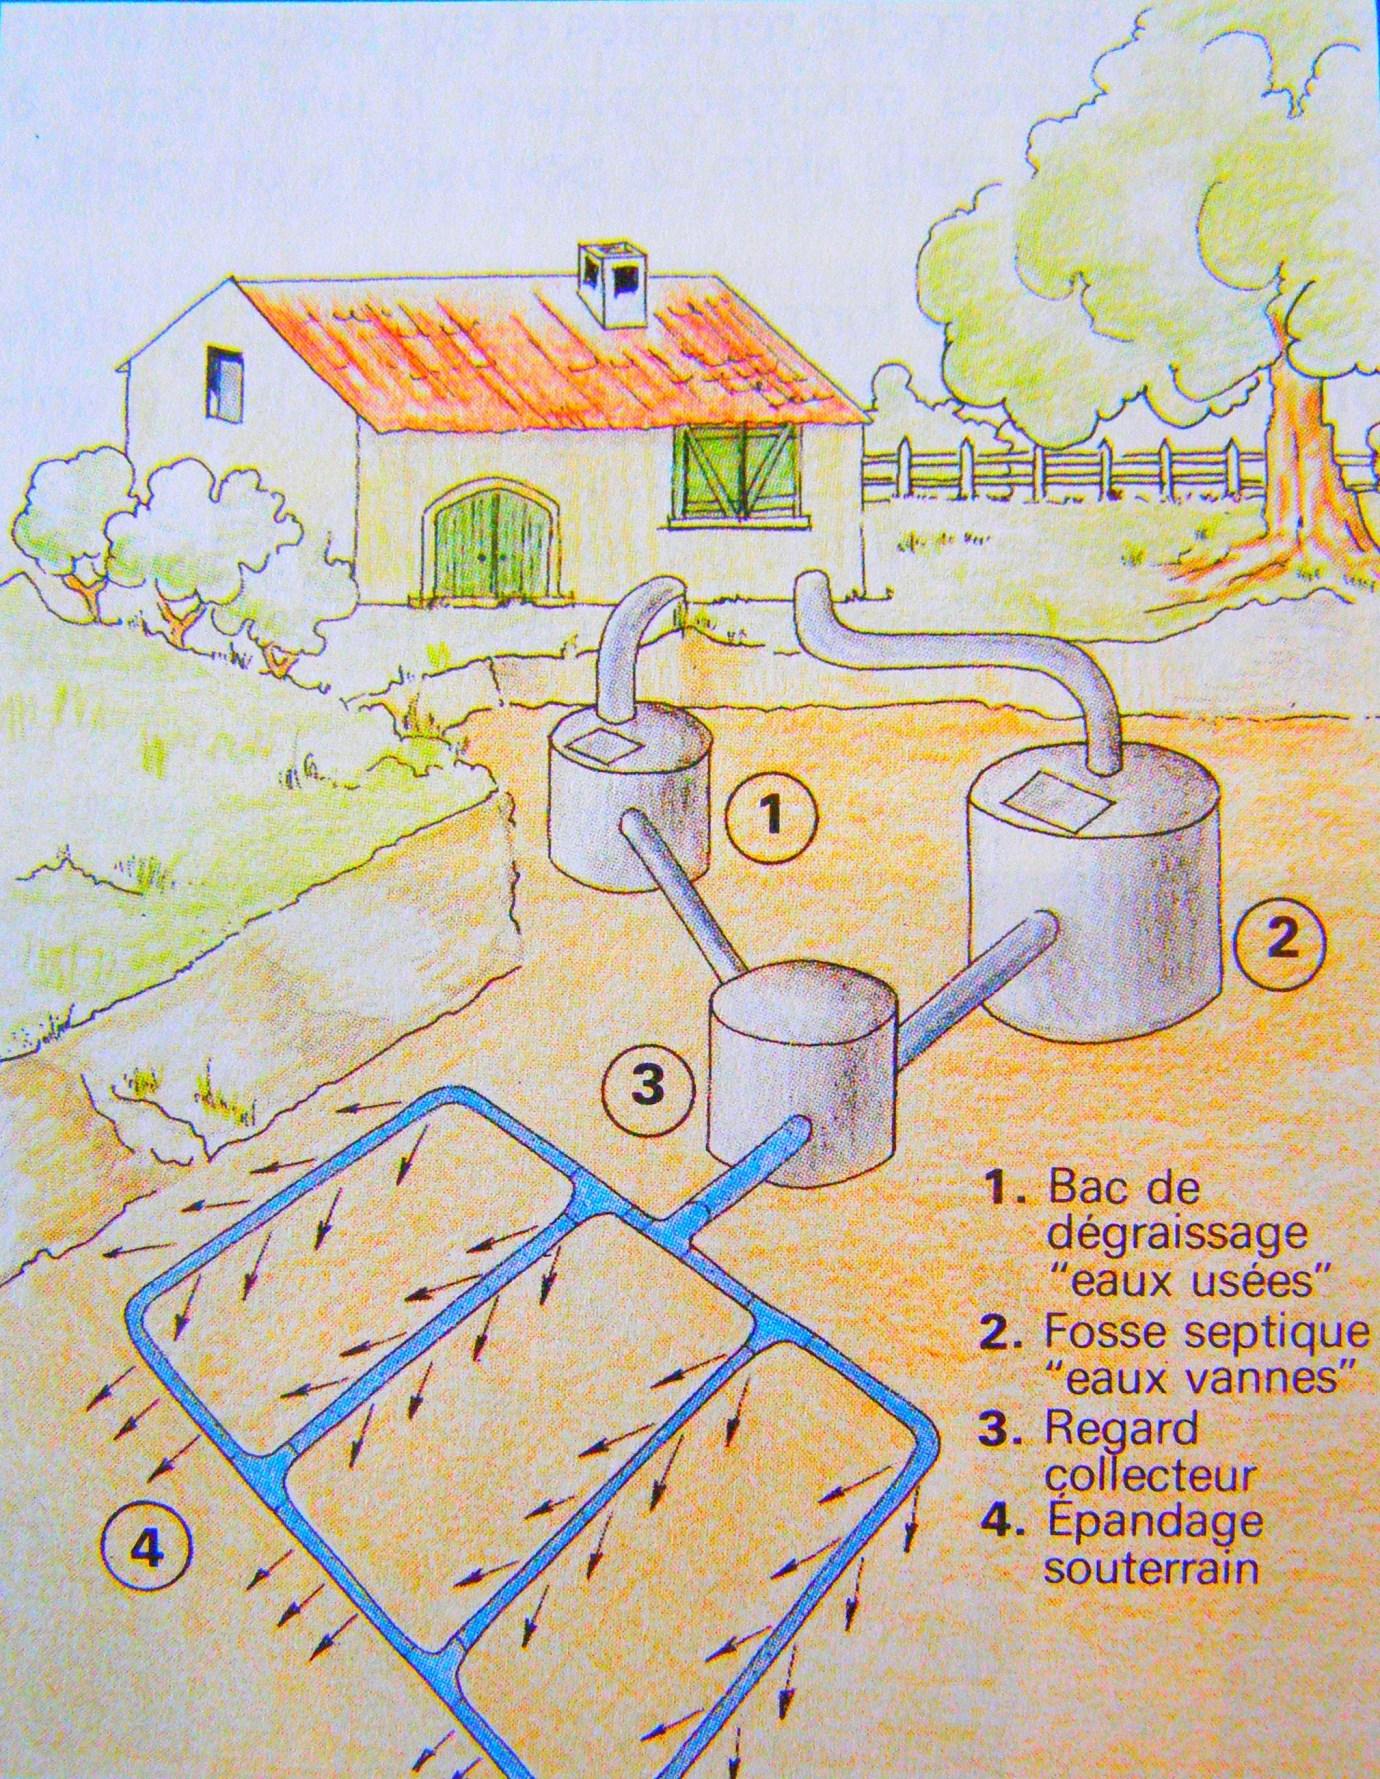 L'assainissement des eaux usées d'une habitation.